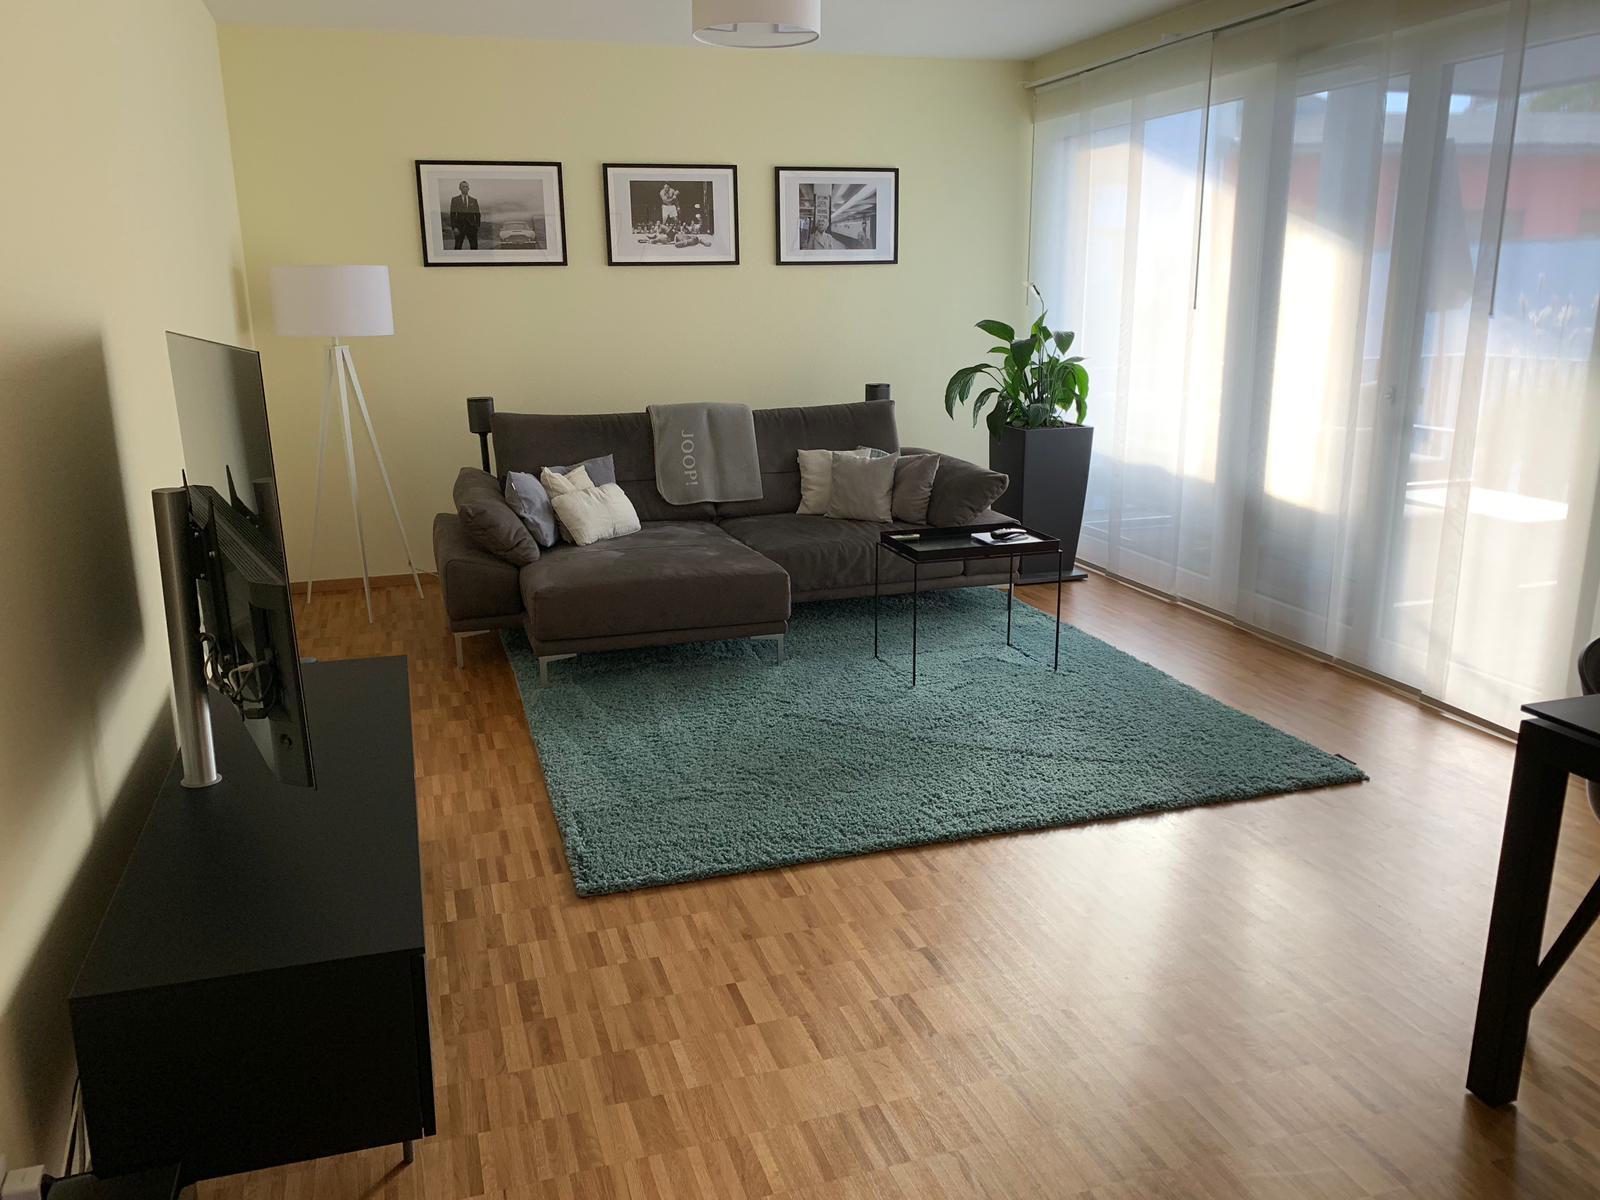 Exklusive, geräumige und neuwertige 3-Zimmer-Wohnung mit Balkon und EBK in Würzburg in Haug (Würzburg)